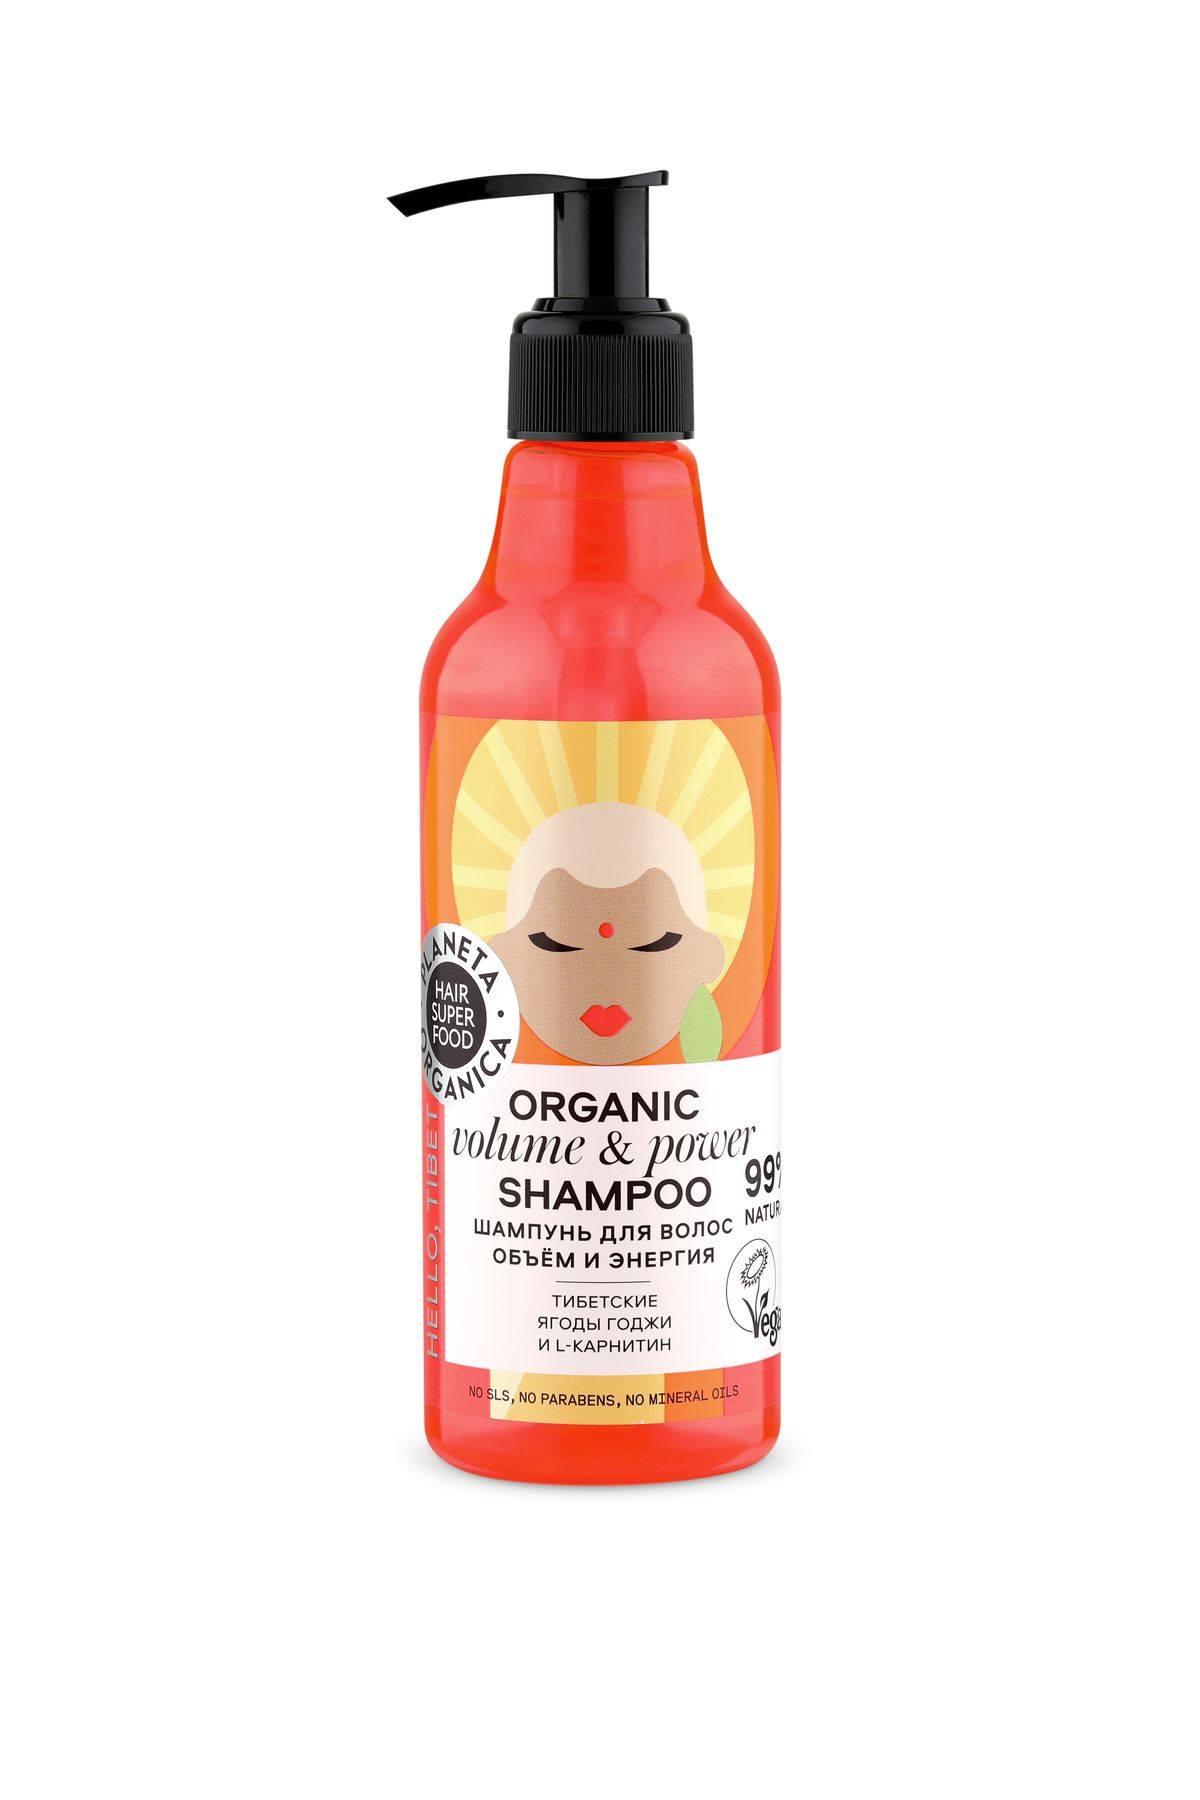 Купить Planeta Organica Hair Super Food Шампунь для волос Объем и энергия Organic shampoo Volume & power , 250 мл (shop: Organic-shops Organic shops)